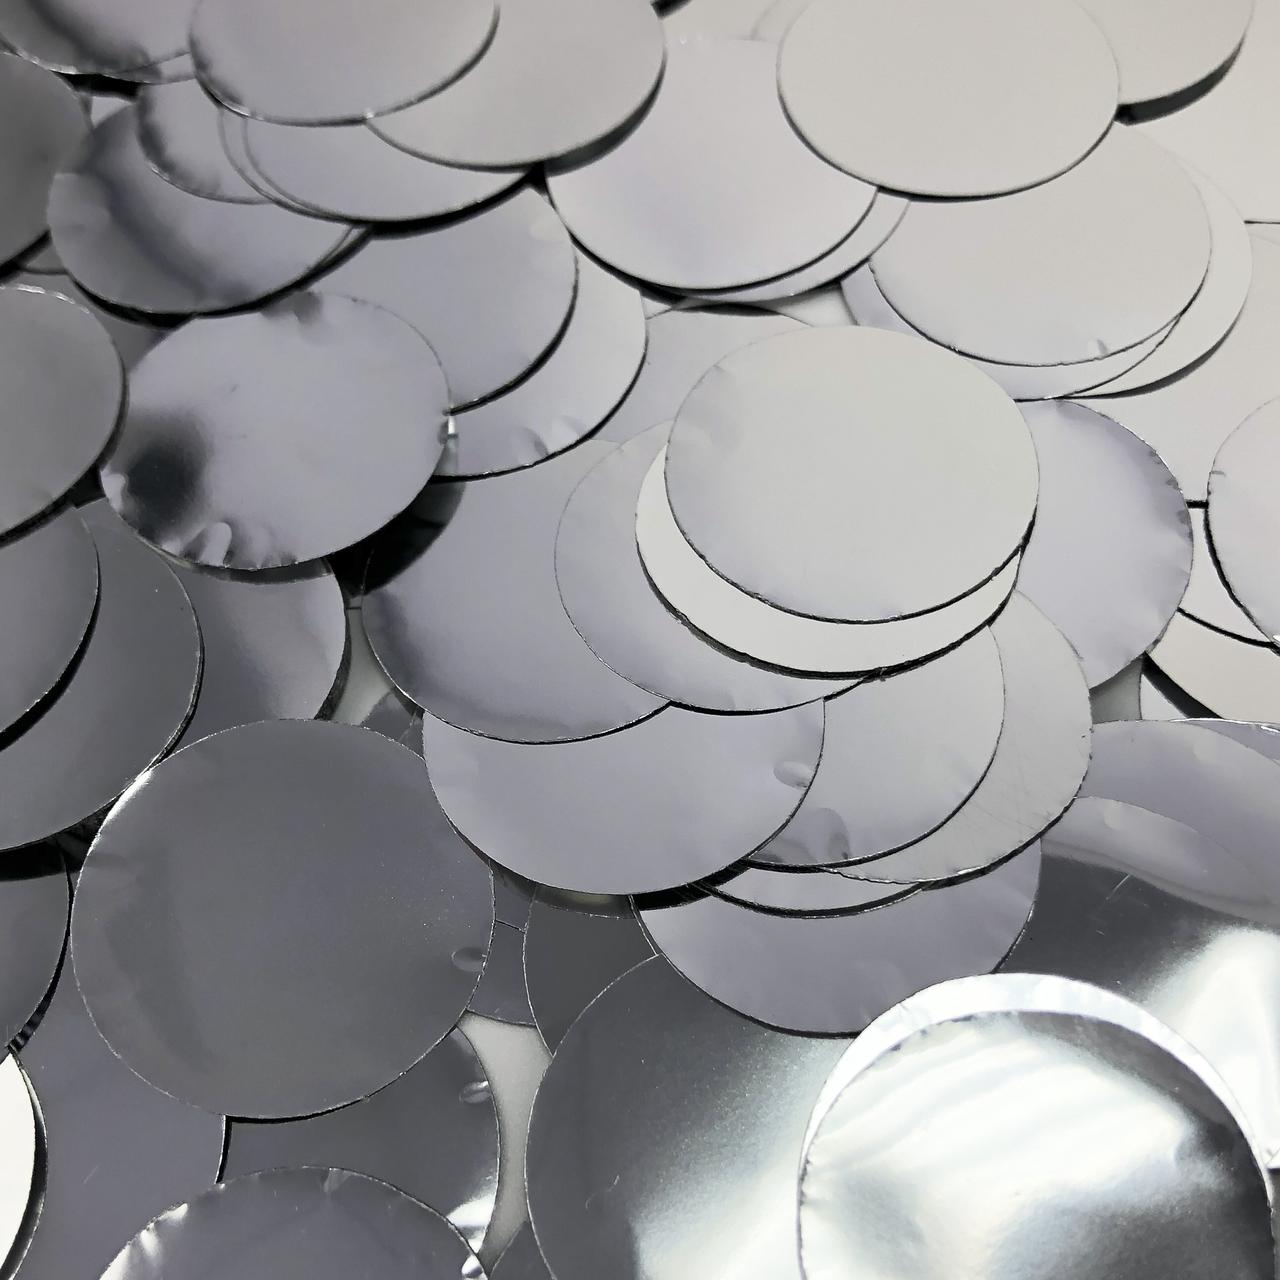 Конфетти кружочки серебро 23 мм, 100г